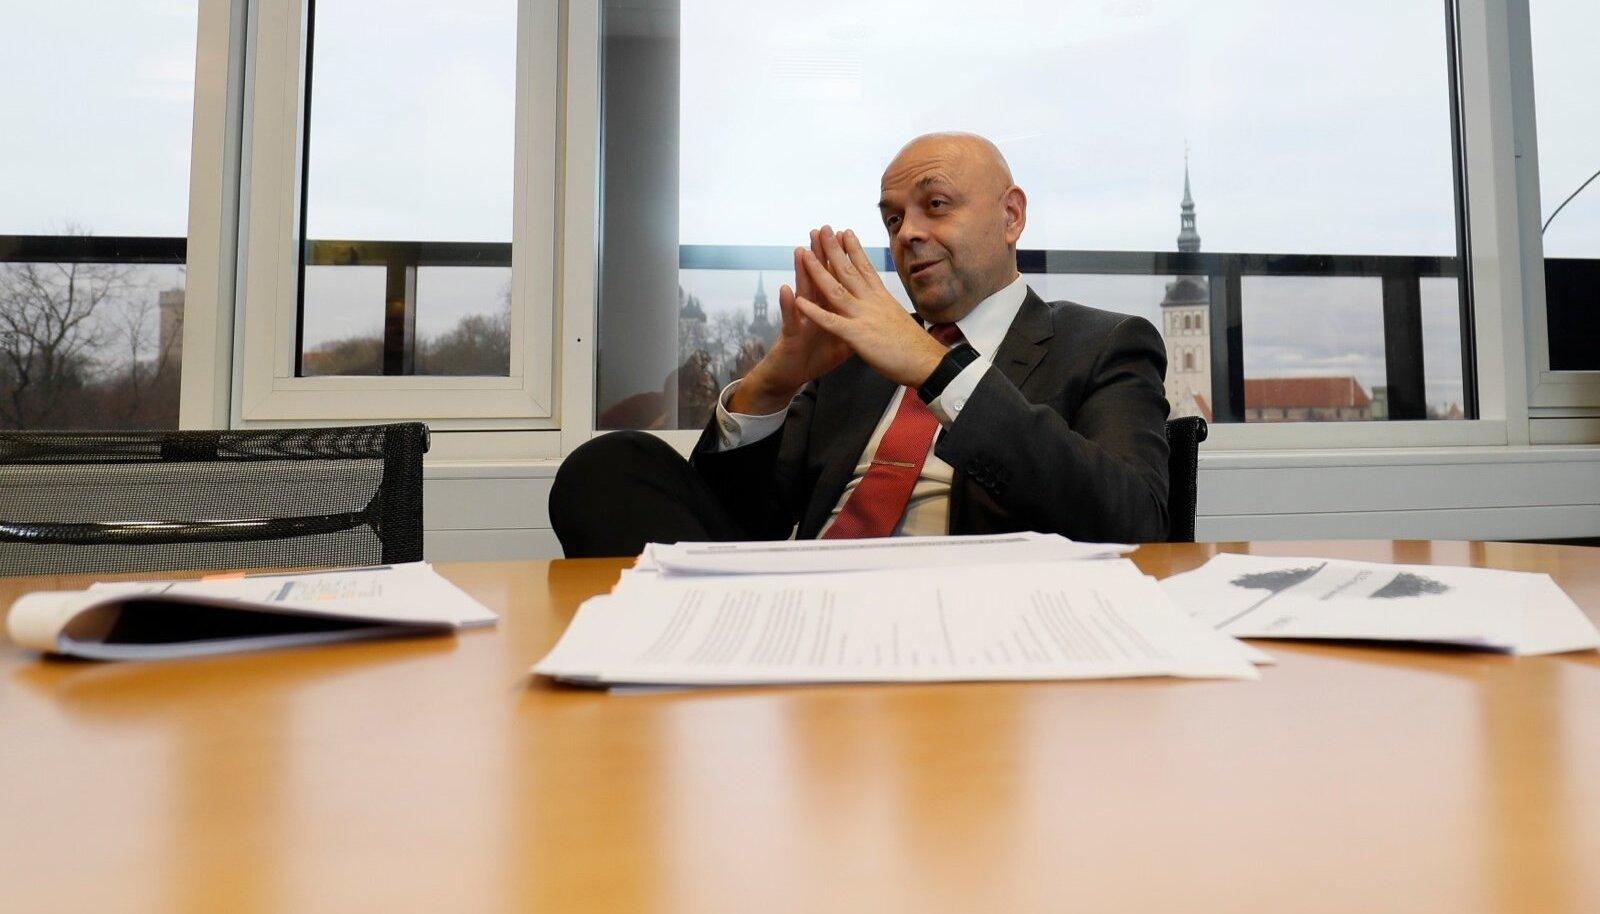 Raidla Ellexi tehingute ja ettevõtete nõustamise valdkonna juht Sven Papp nautis tehinguaktiivsuse suurenemise aastat.